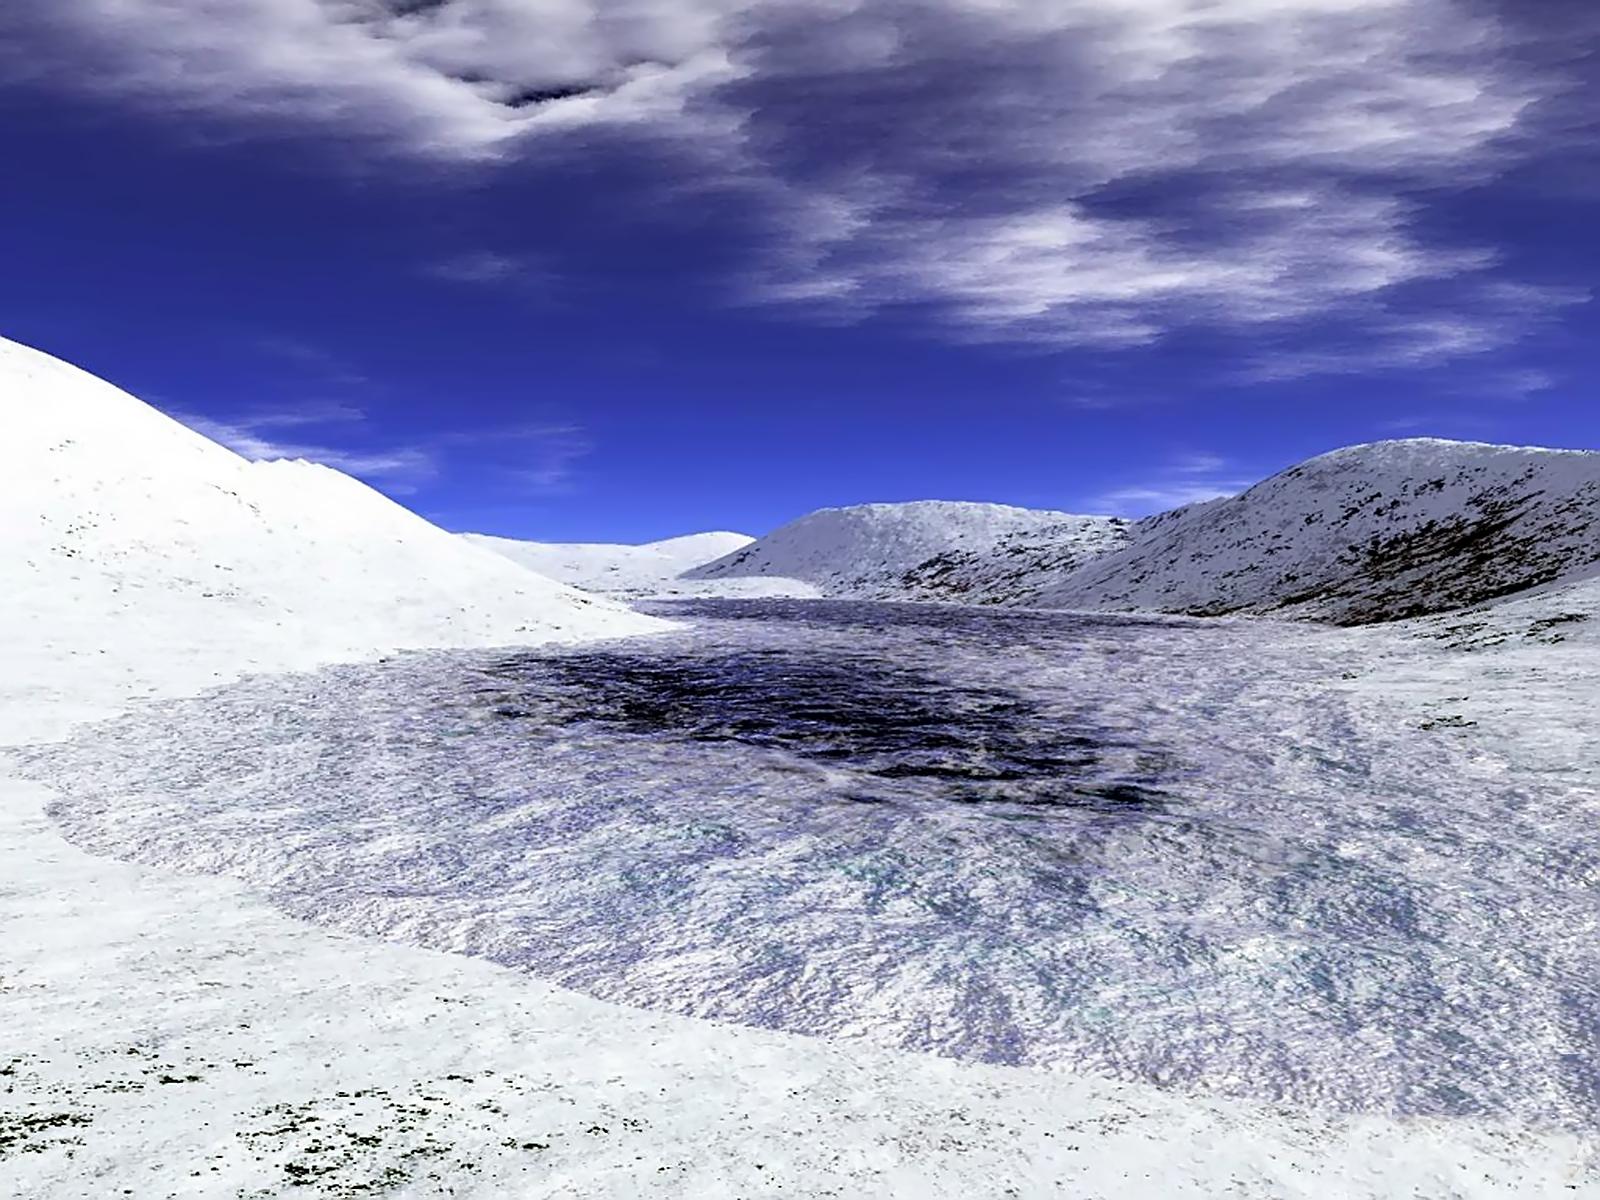 FROZEN RIVER, 3d, Bspo06, Frozen, Ice, HQ Photo